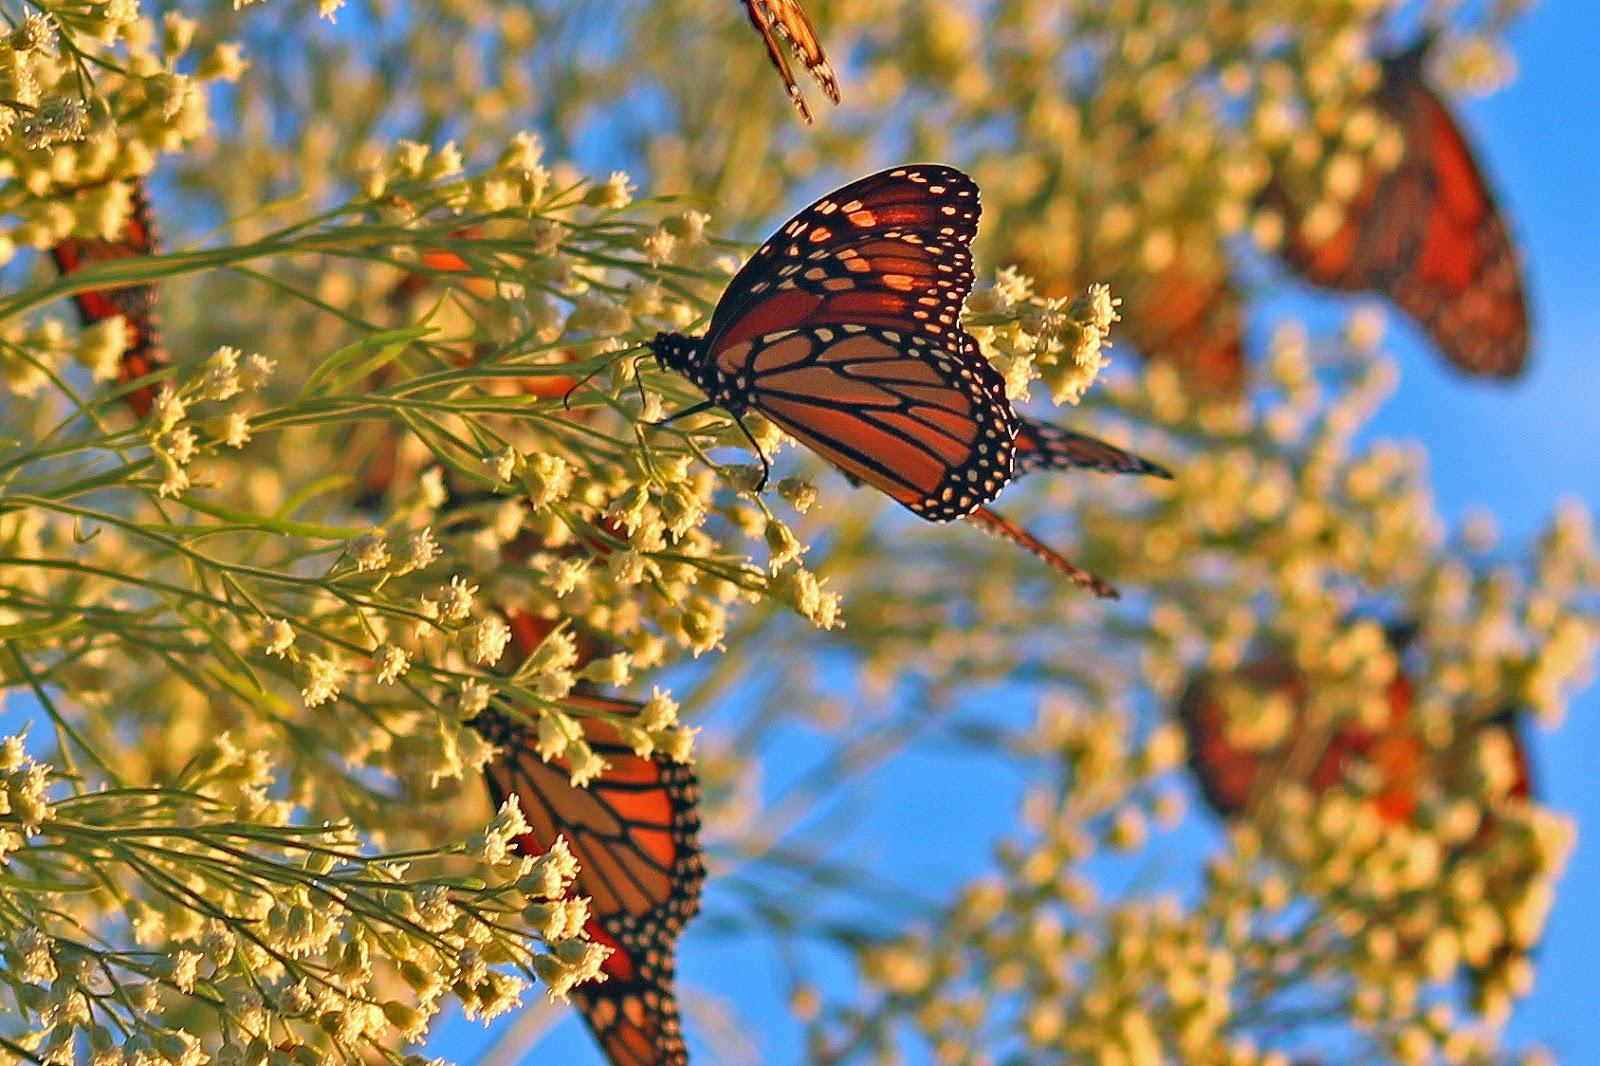 The Fascinating Migration Trek Of Monarch Butterflies Has Begun!